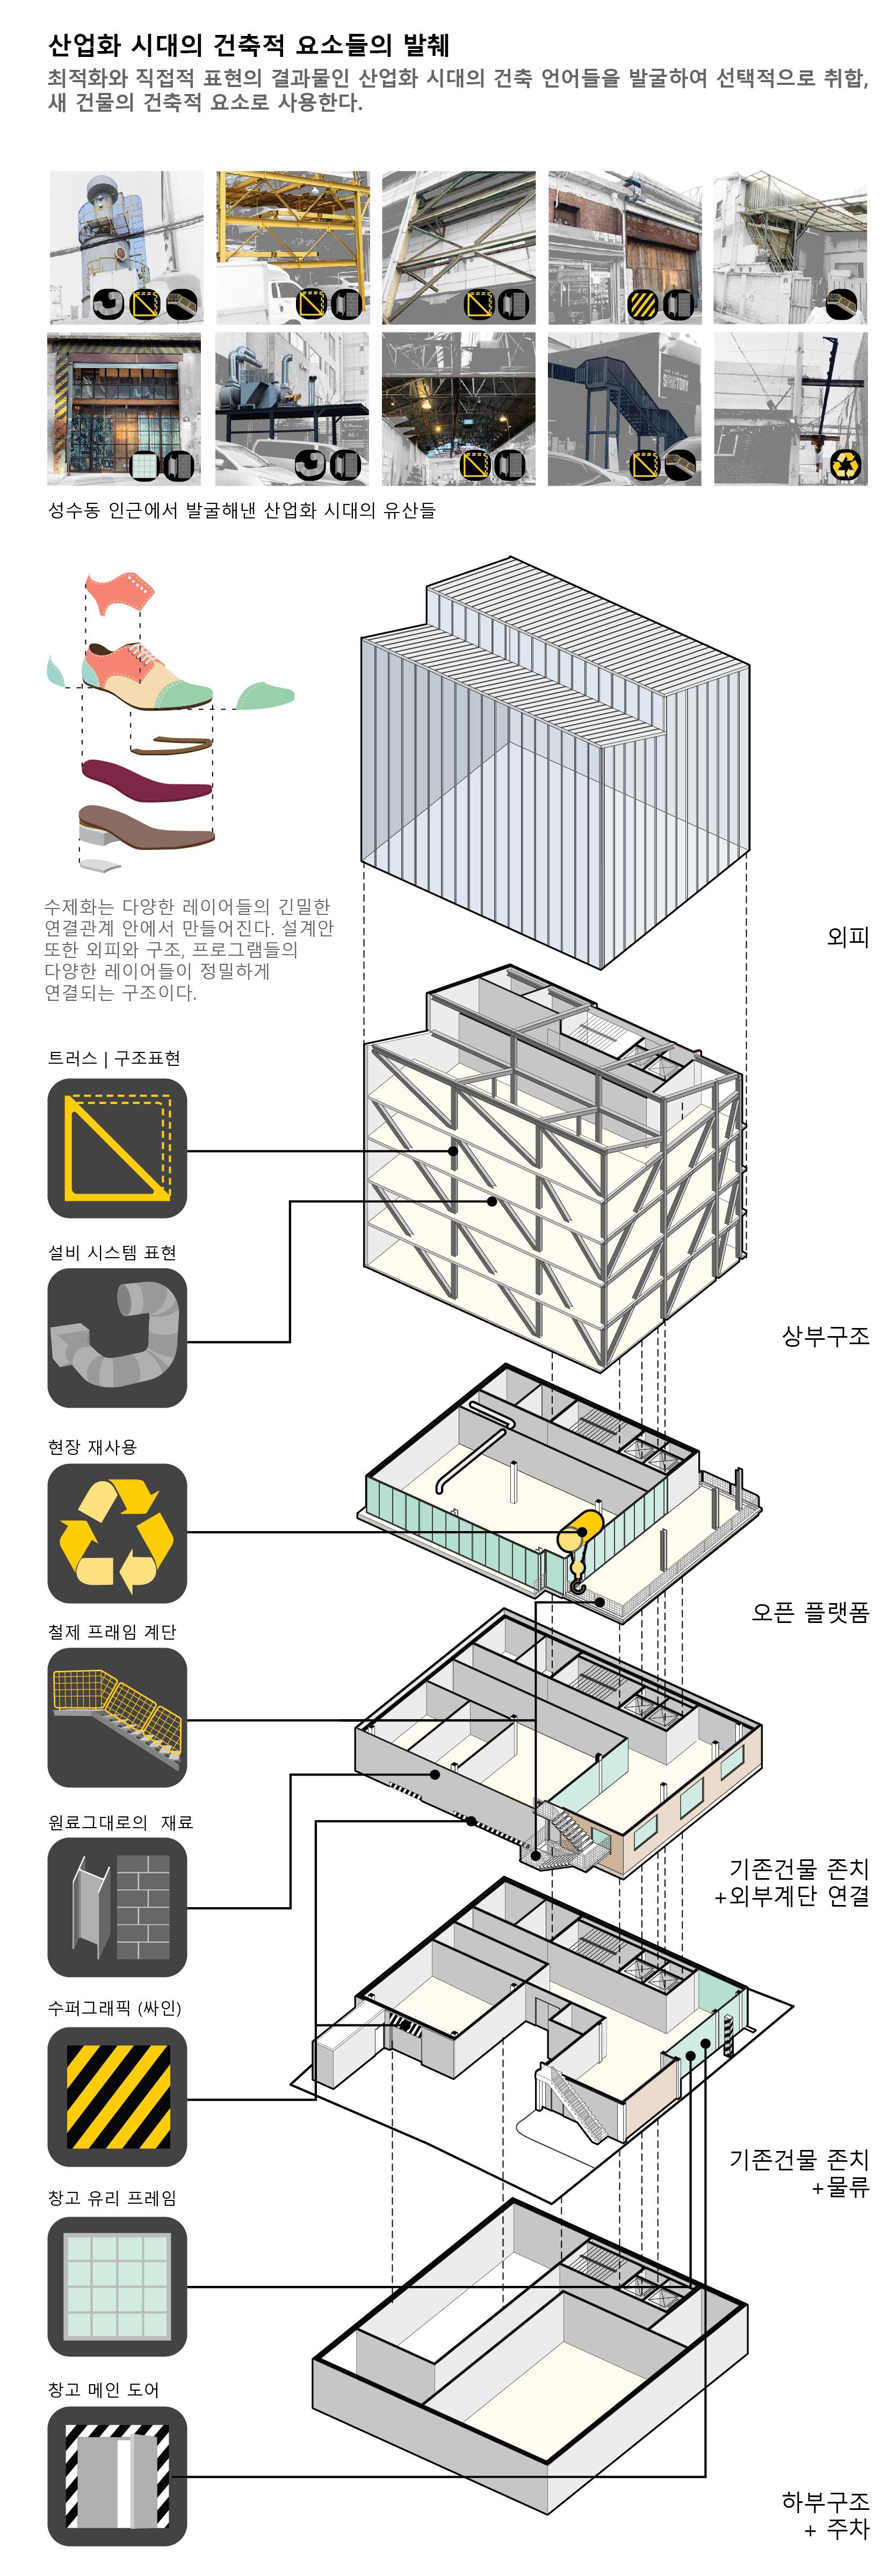 설계 개념도 2.jpg